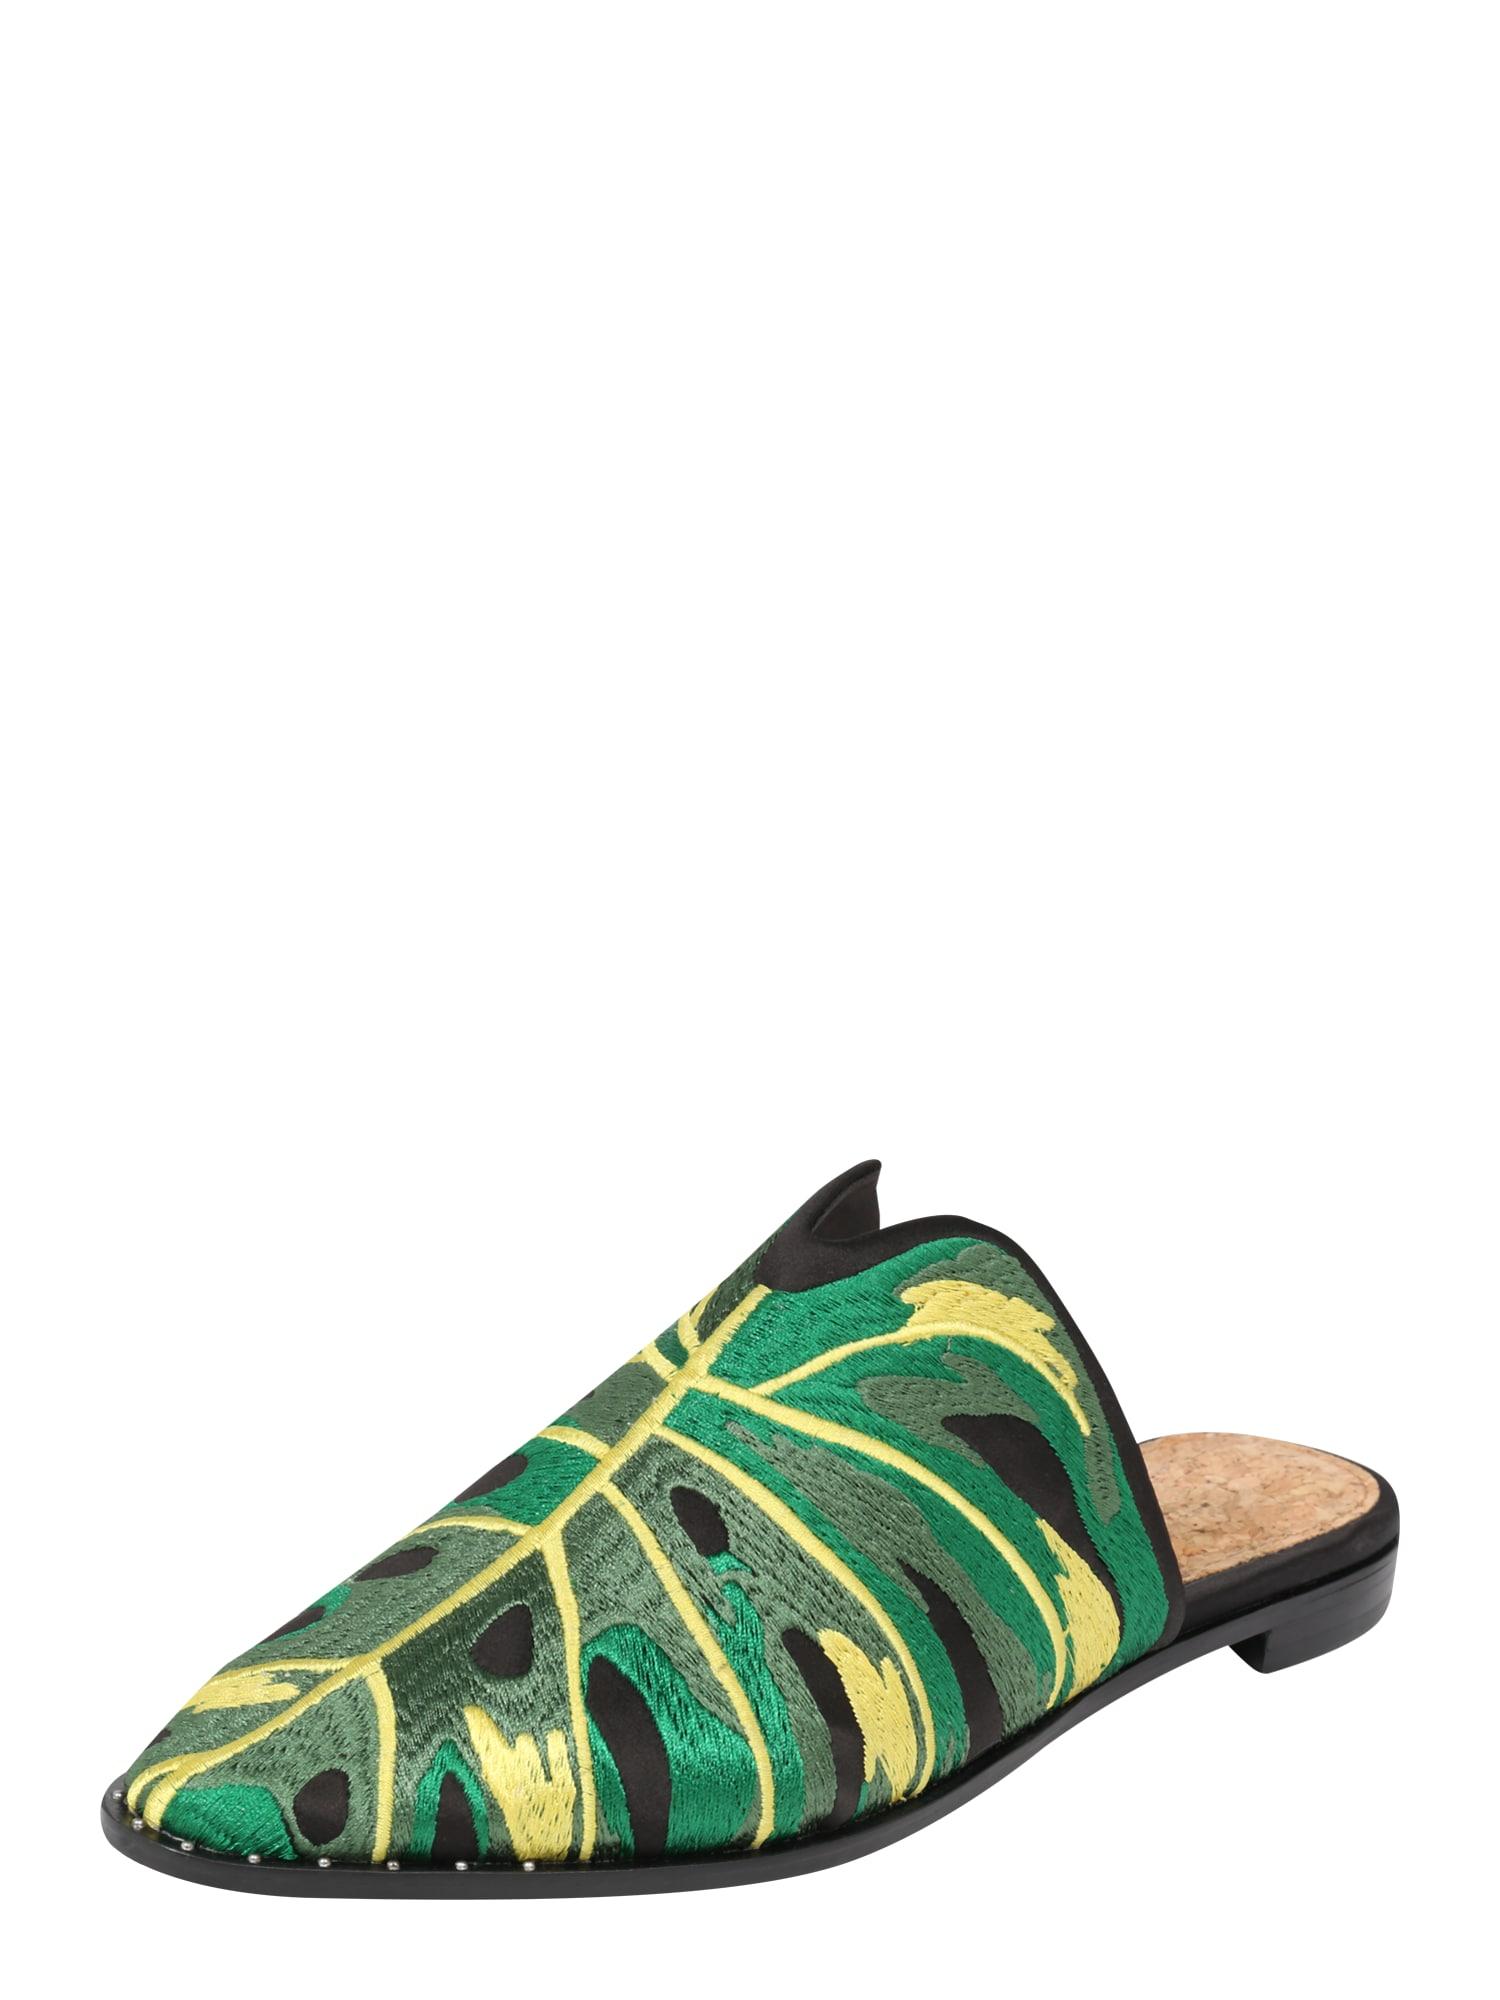 Pantofle Kalin Textile Mule zelená černá SCOTCH & SODA